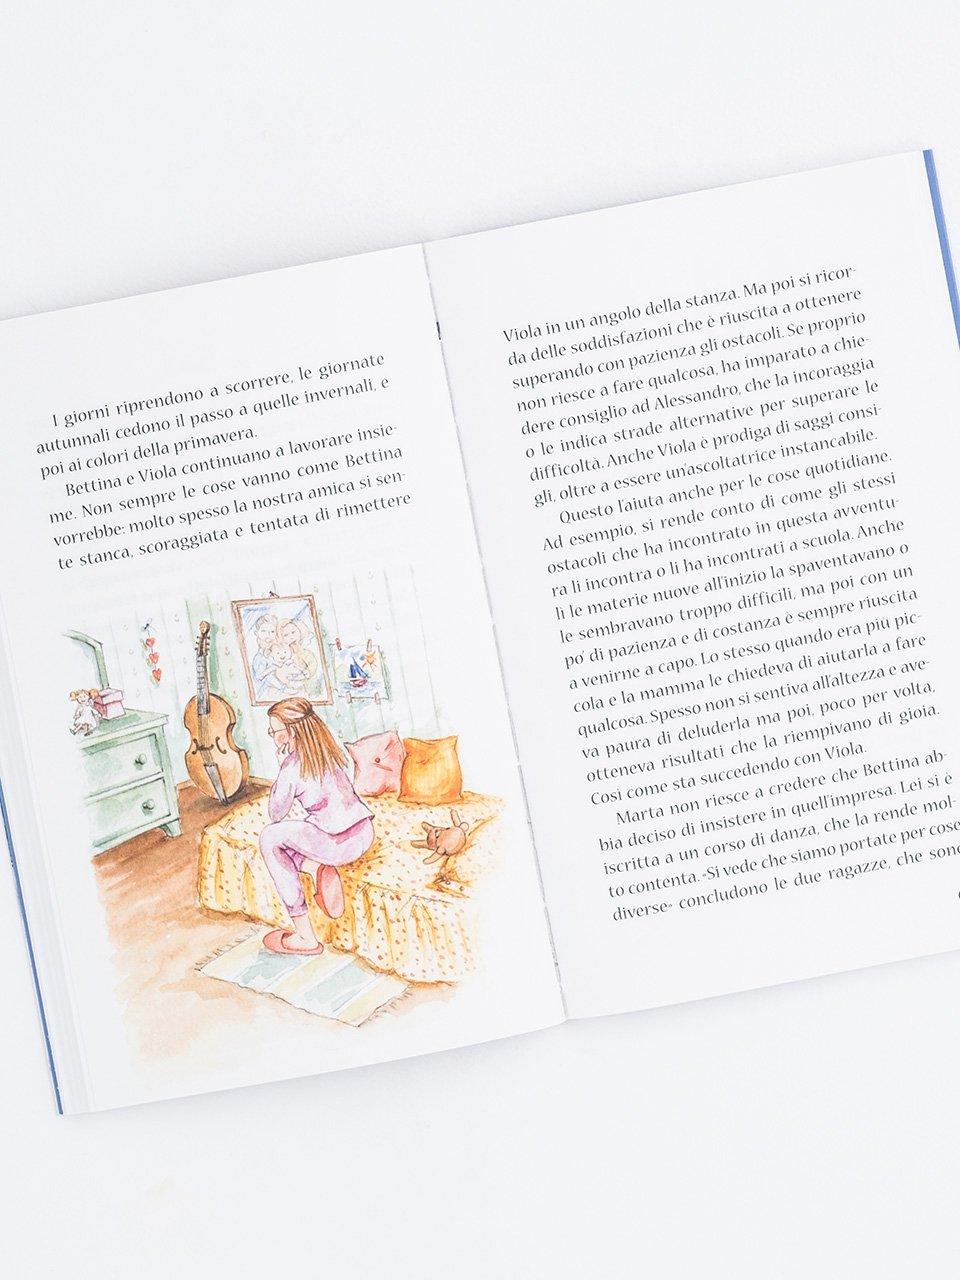 Le favole che fanno crescere - Volume 2 - Libri - Erickson 2